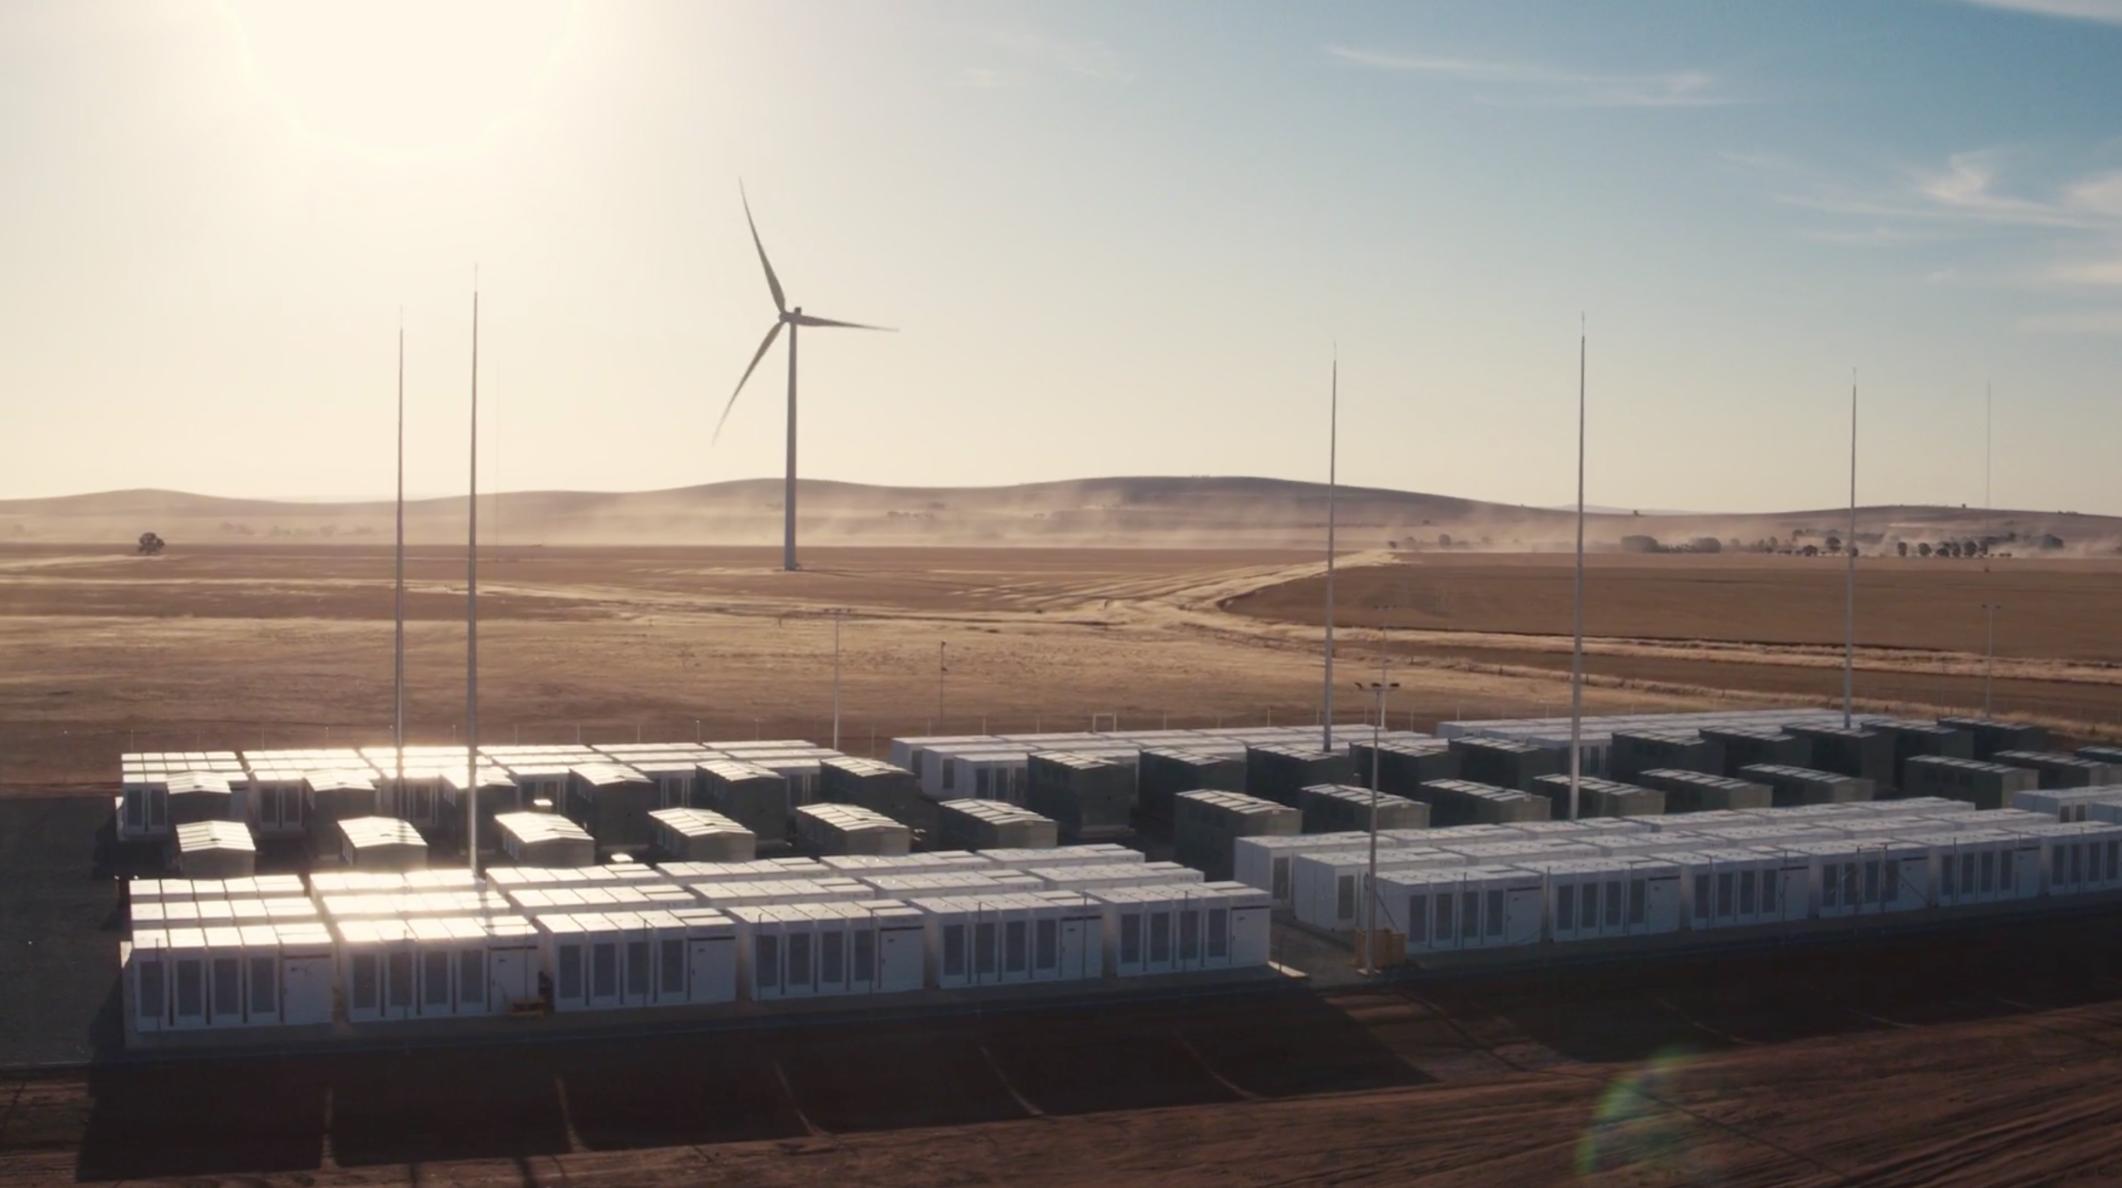 Tesla Powerpack Neoen